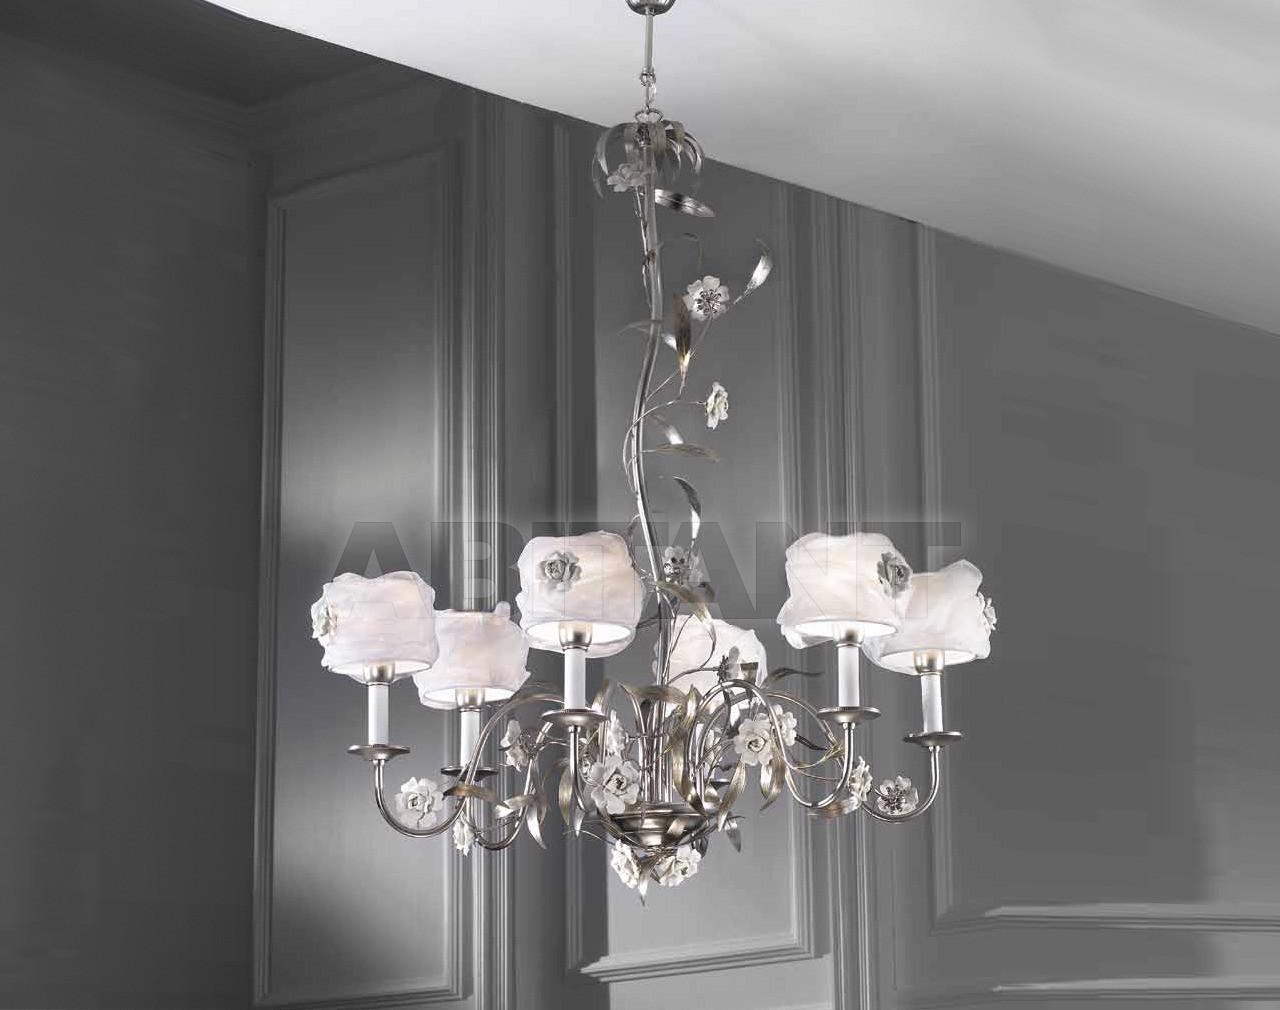 Купить Люстра Villari Home And Lights 4120495-101 2